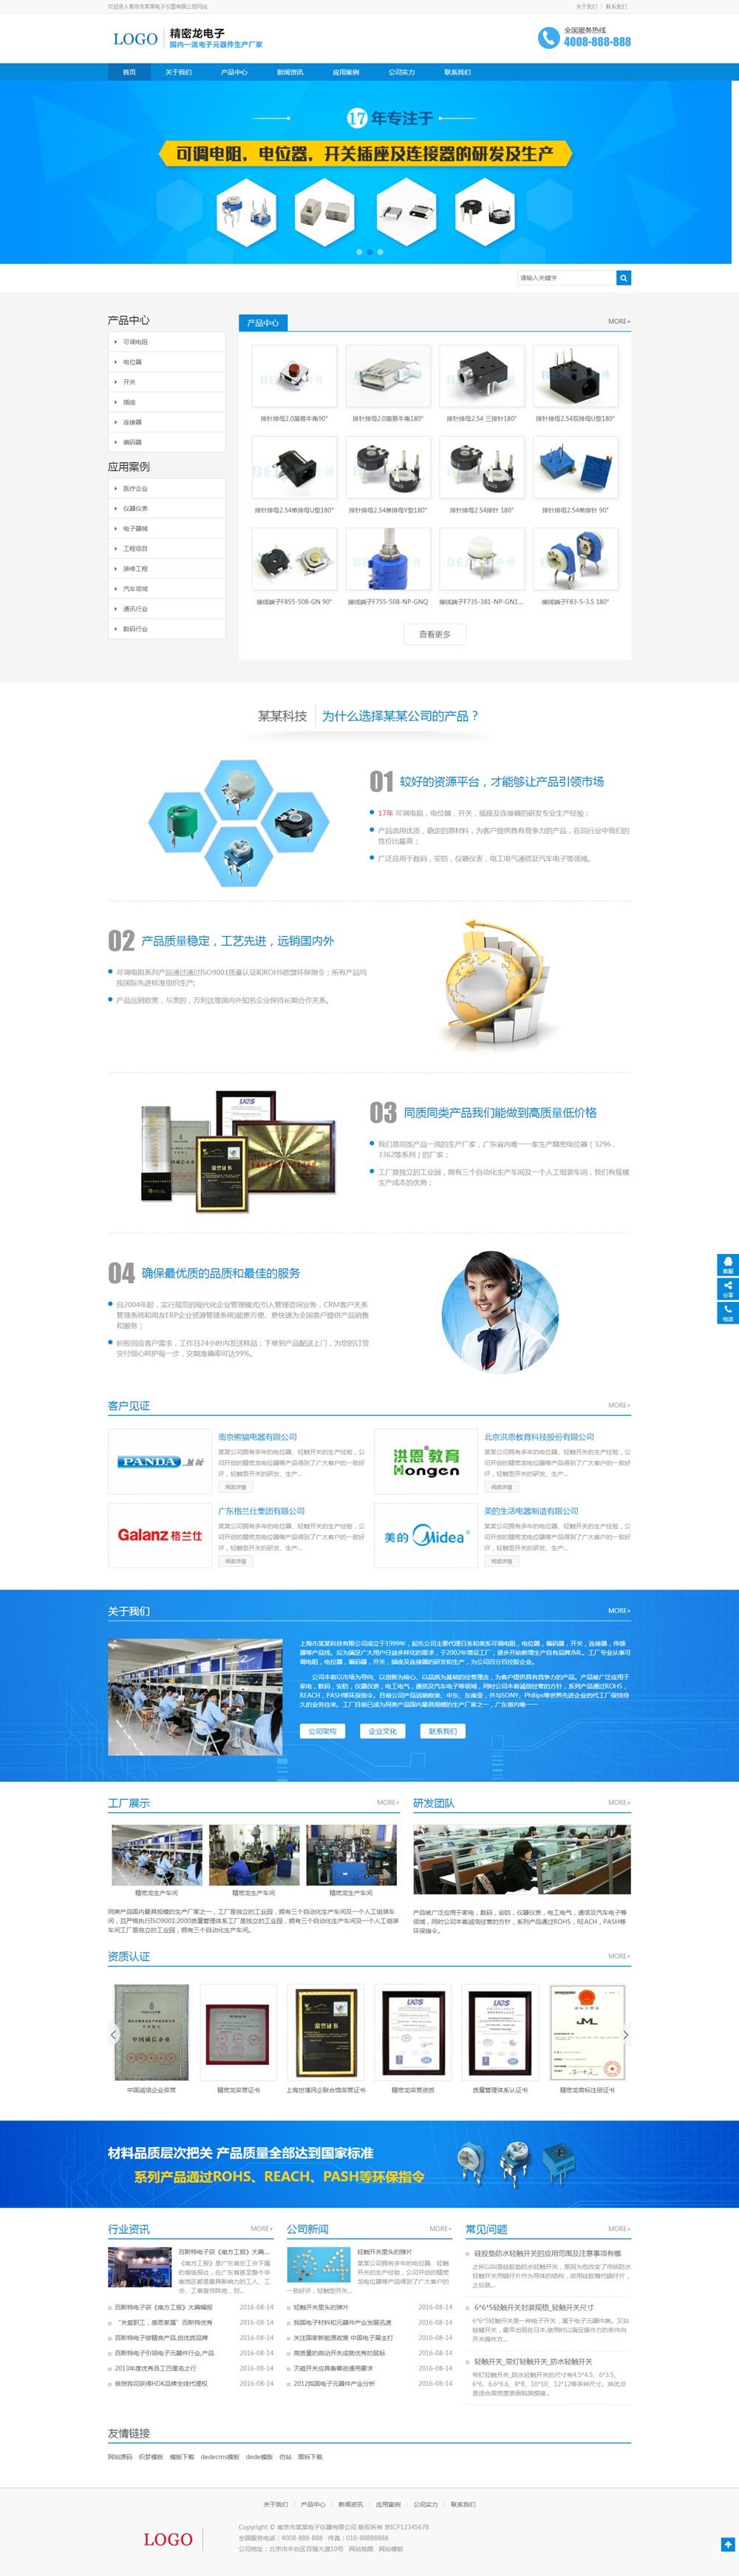 (自适应手机版)响应式营销型电子产品织梦模板 HTML5数码产品网站源码下载